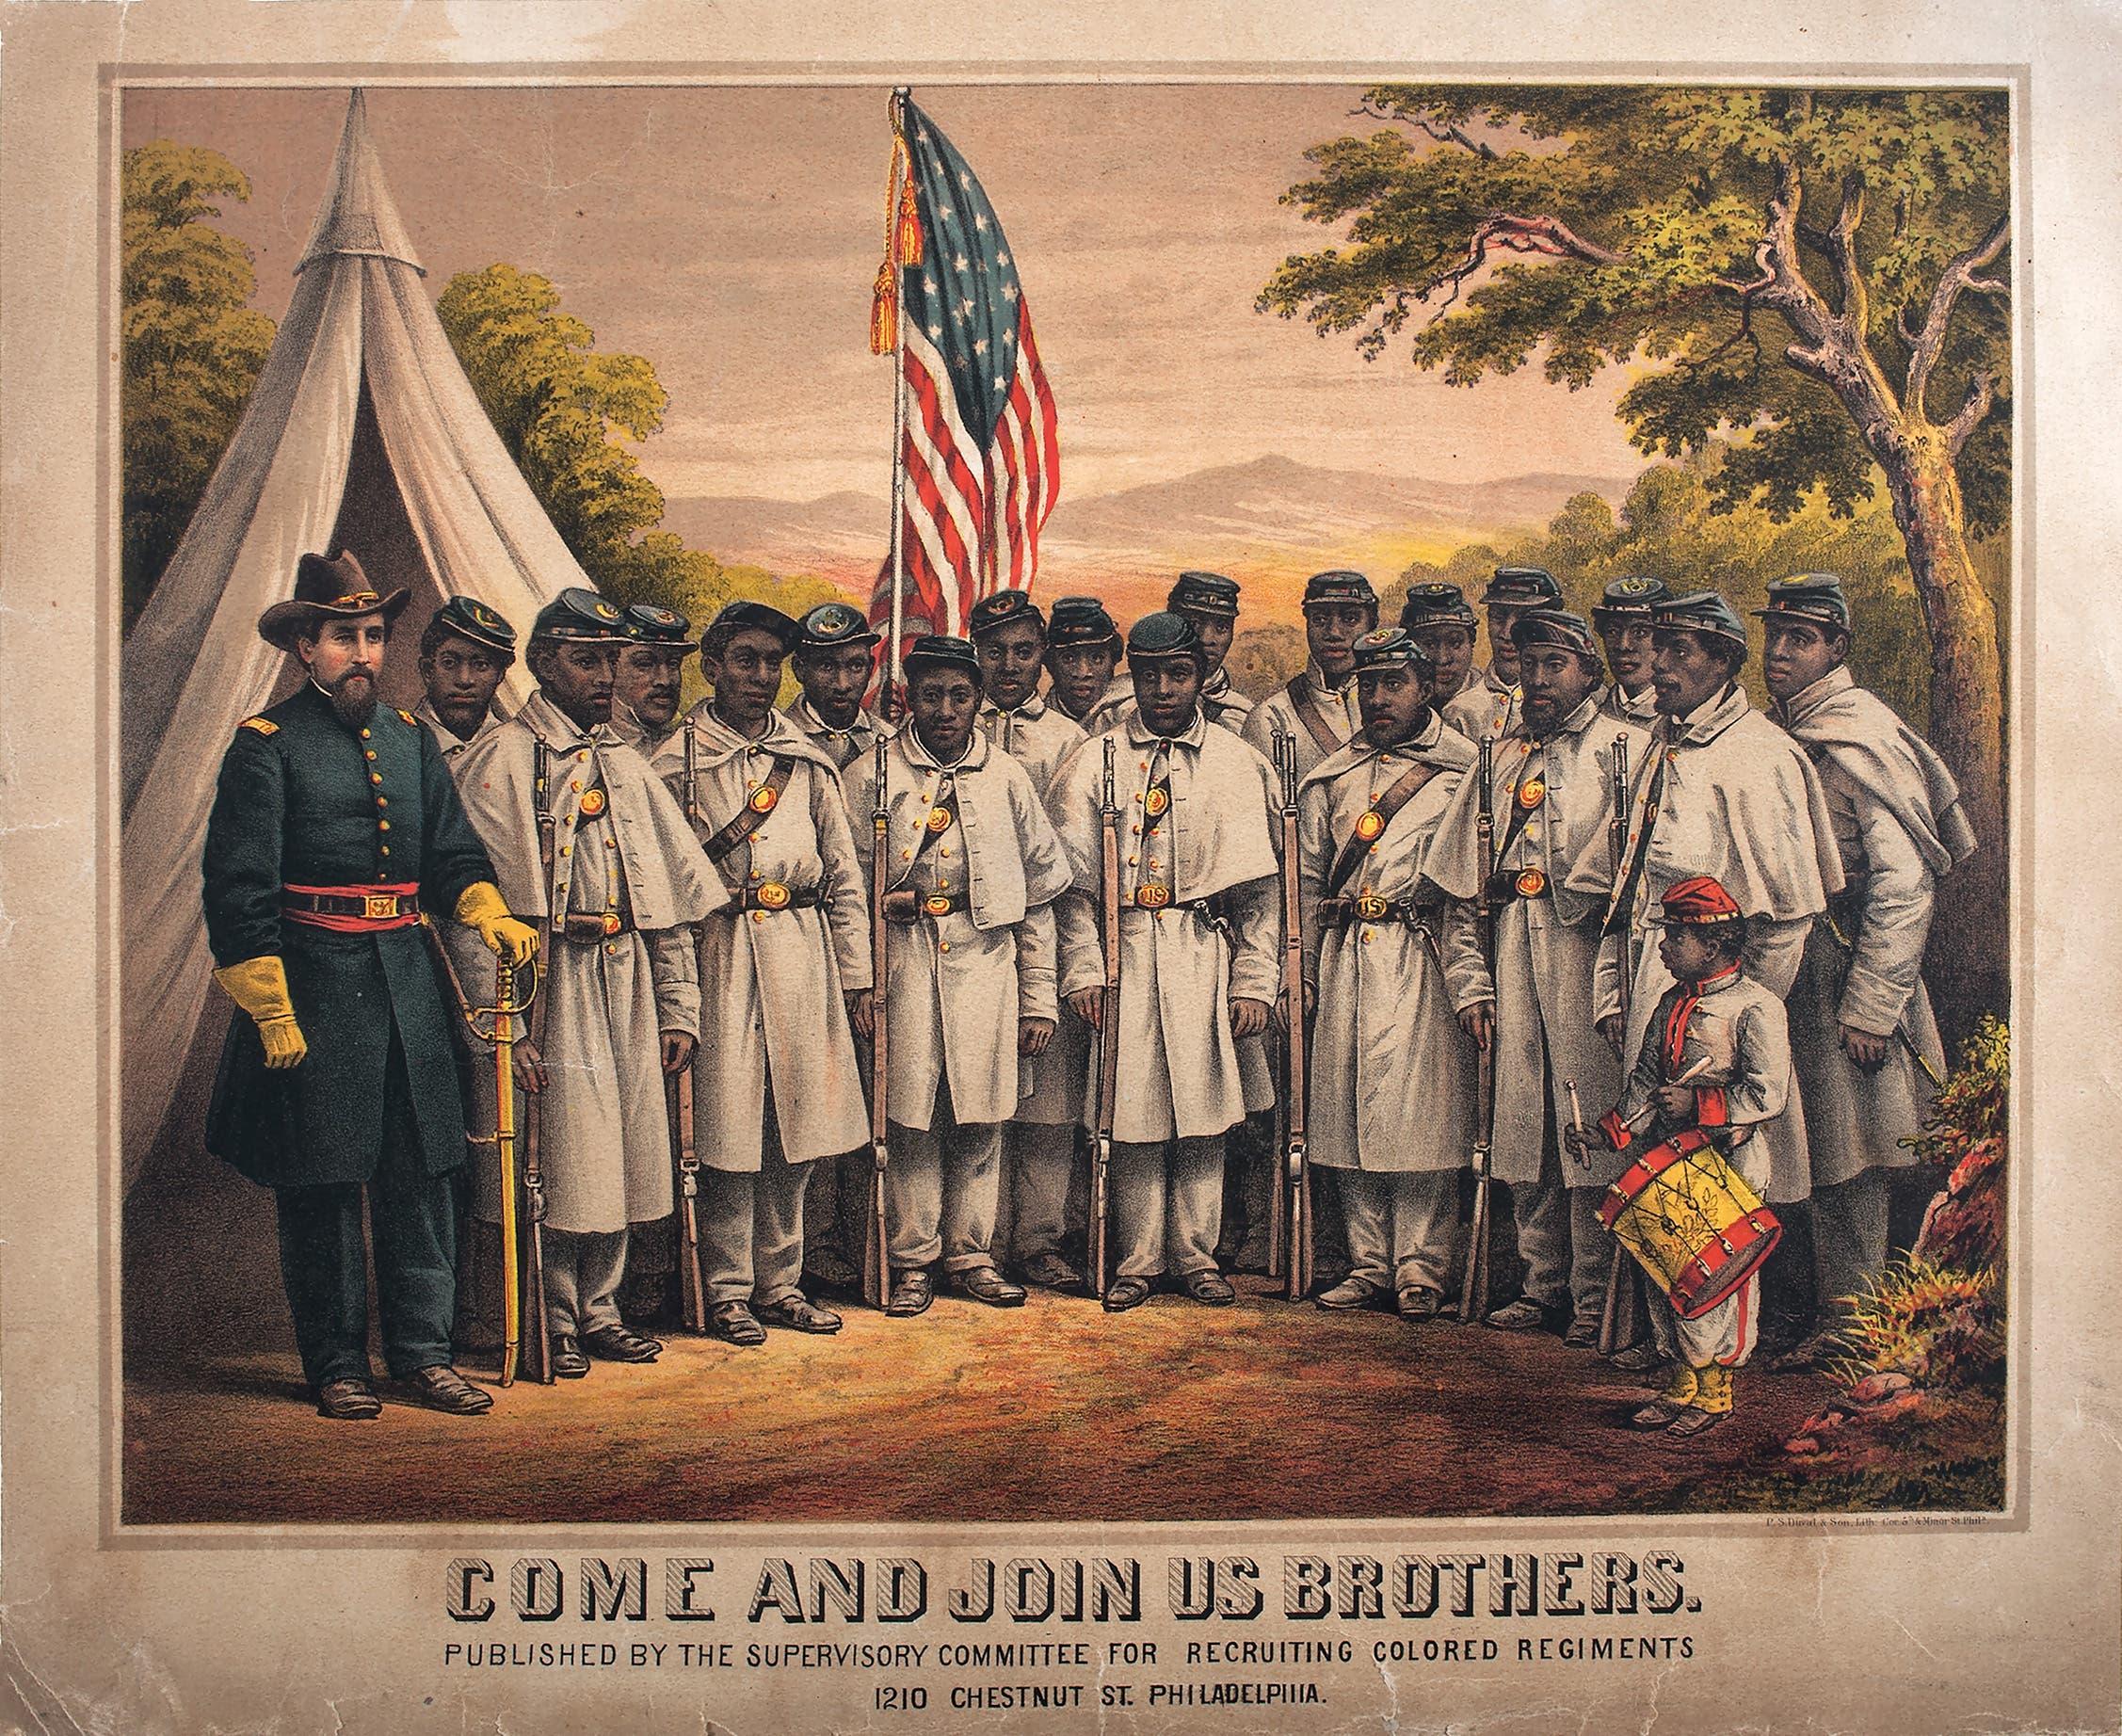 لوحة تجسد عددا من السود ضمن جيش الاتحاد